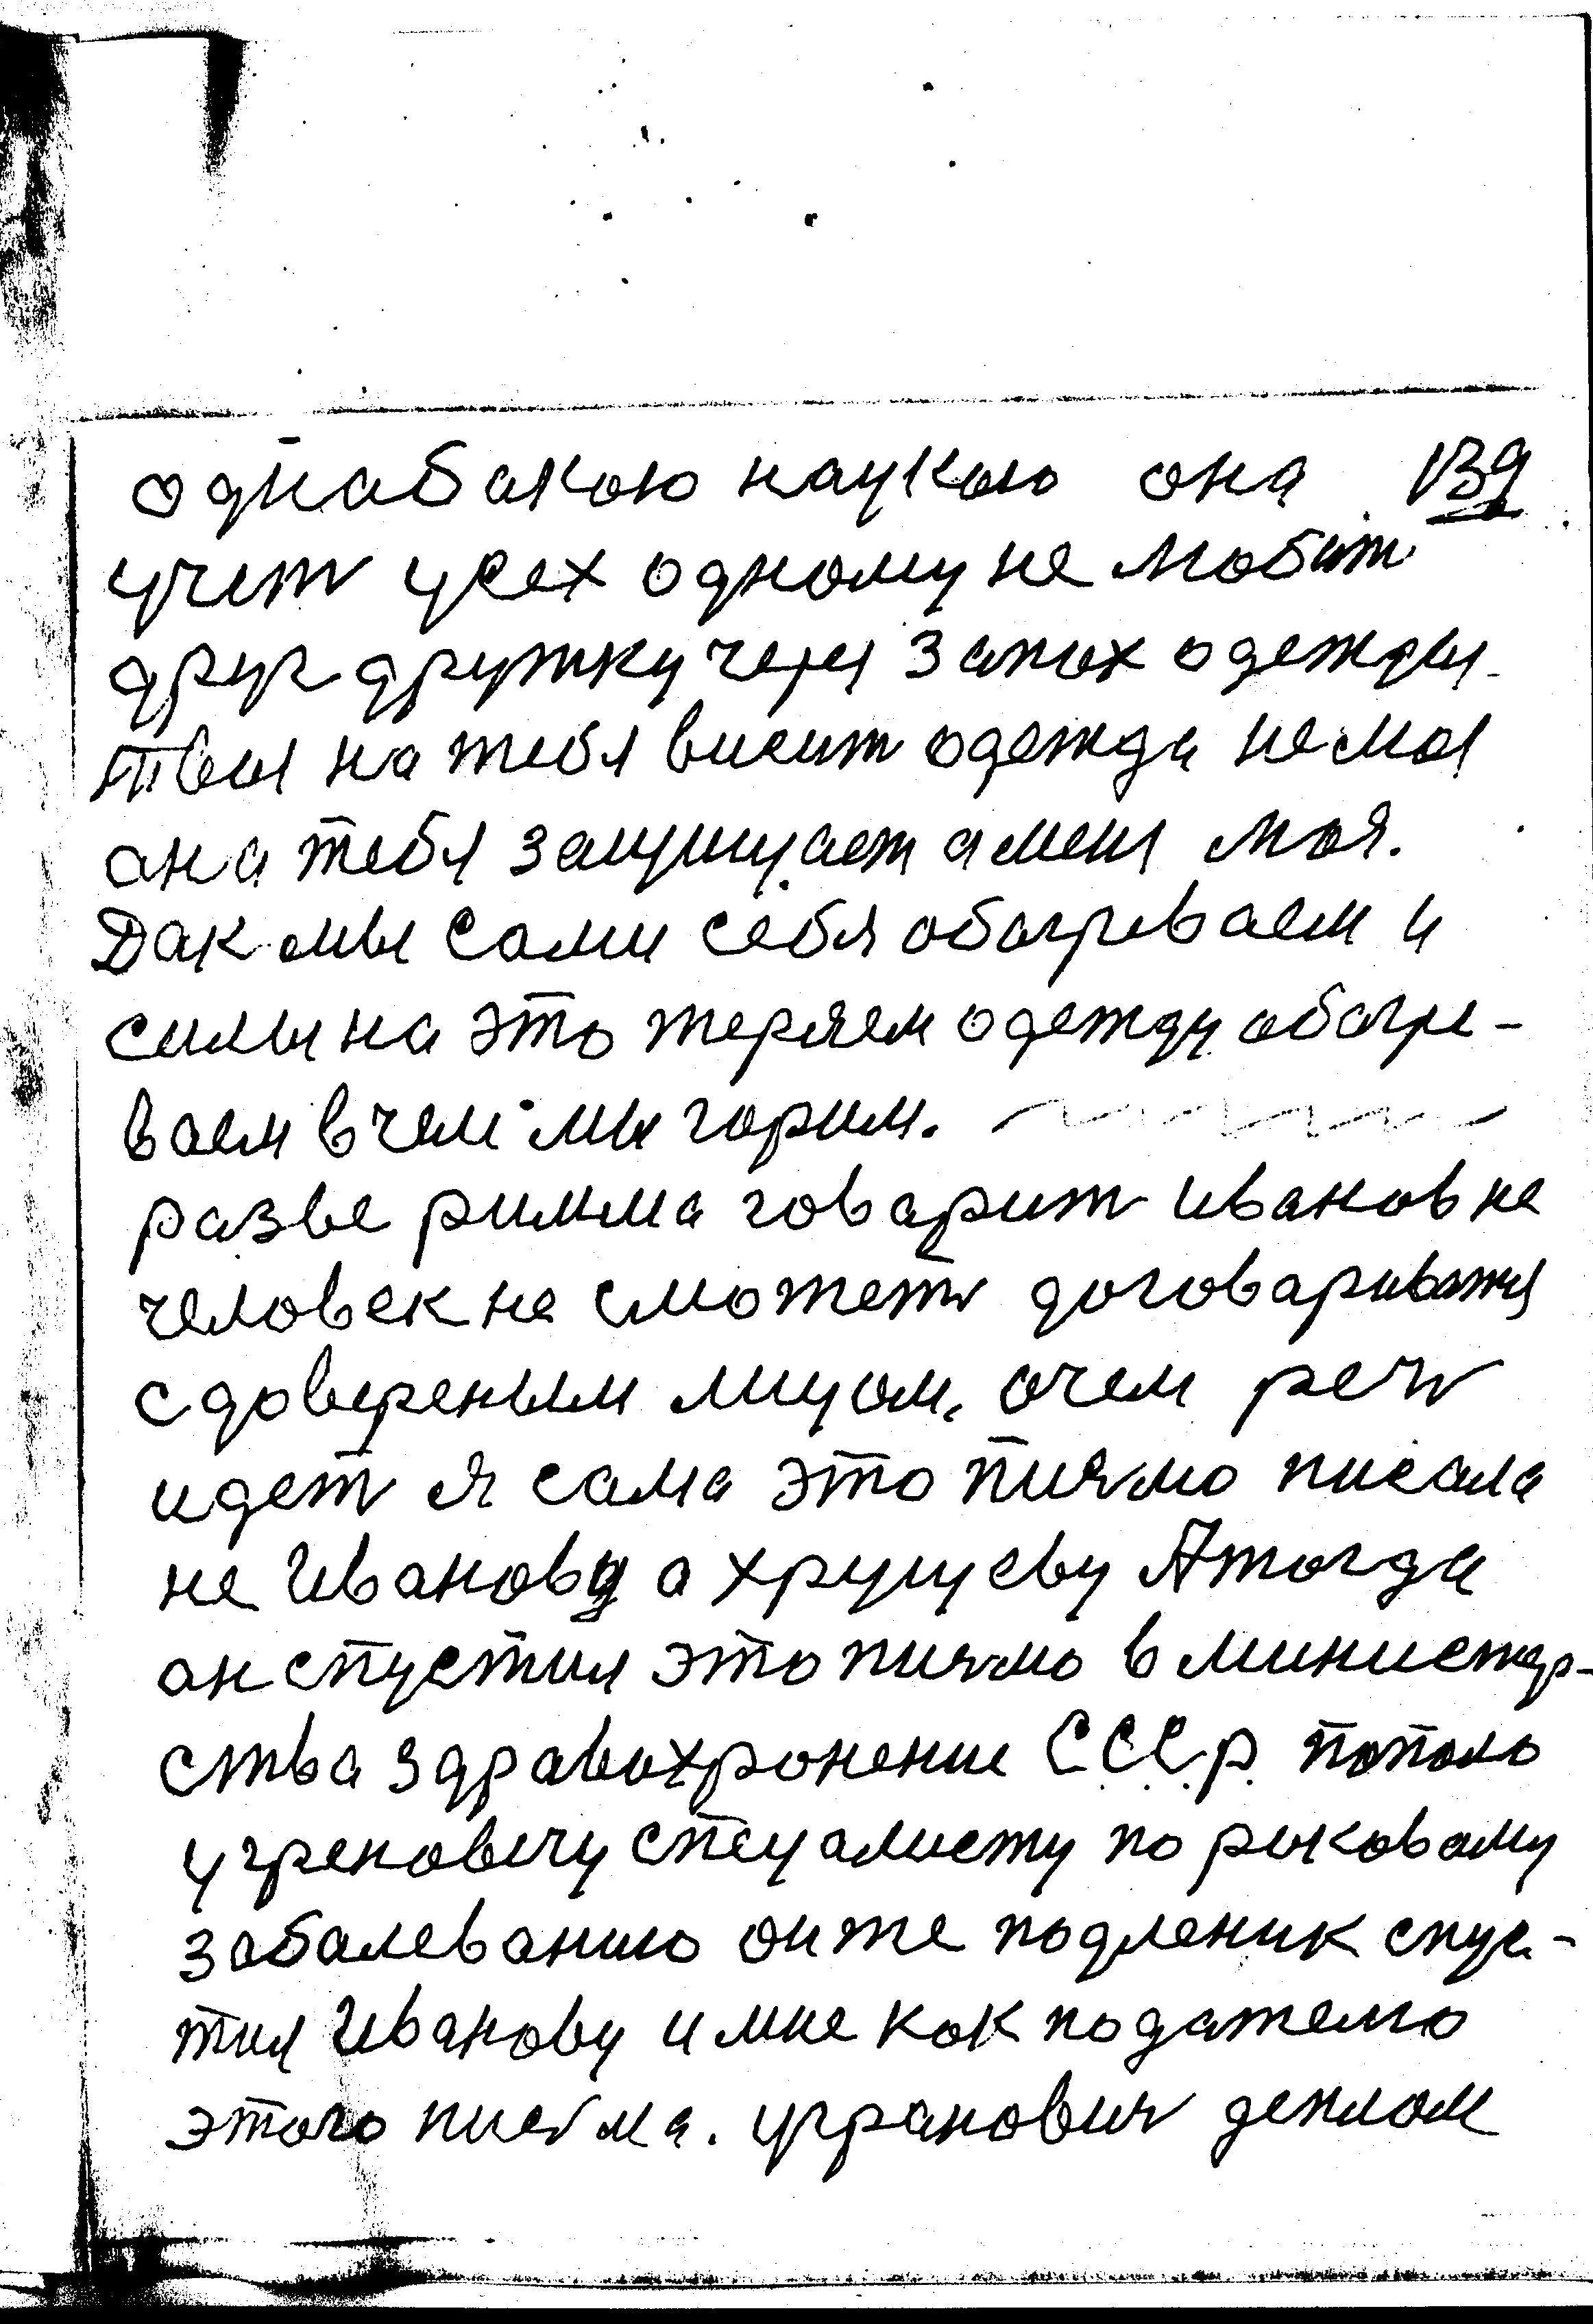 55-139.jpg